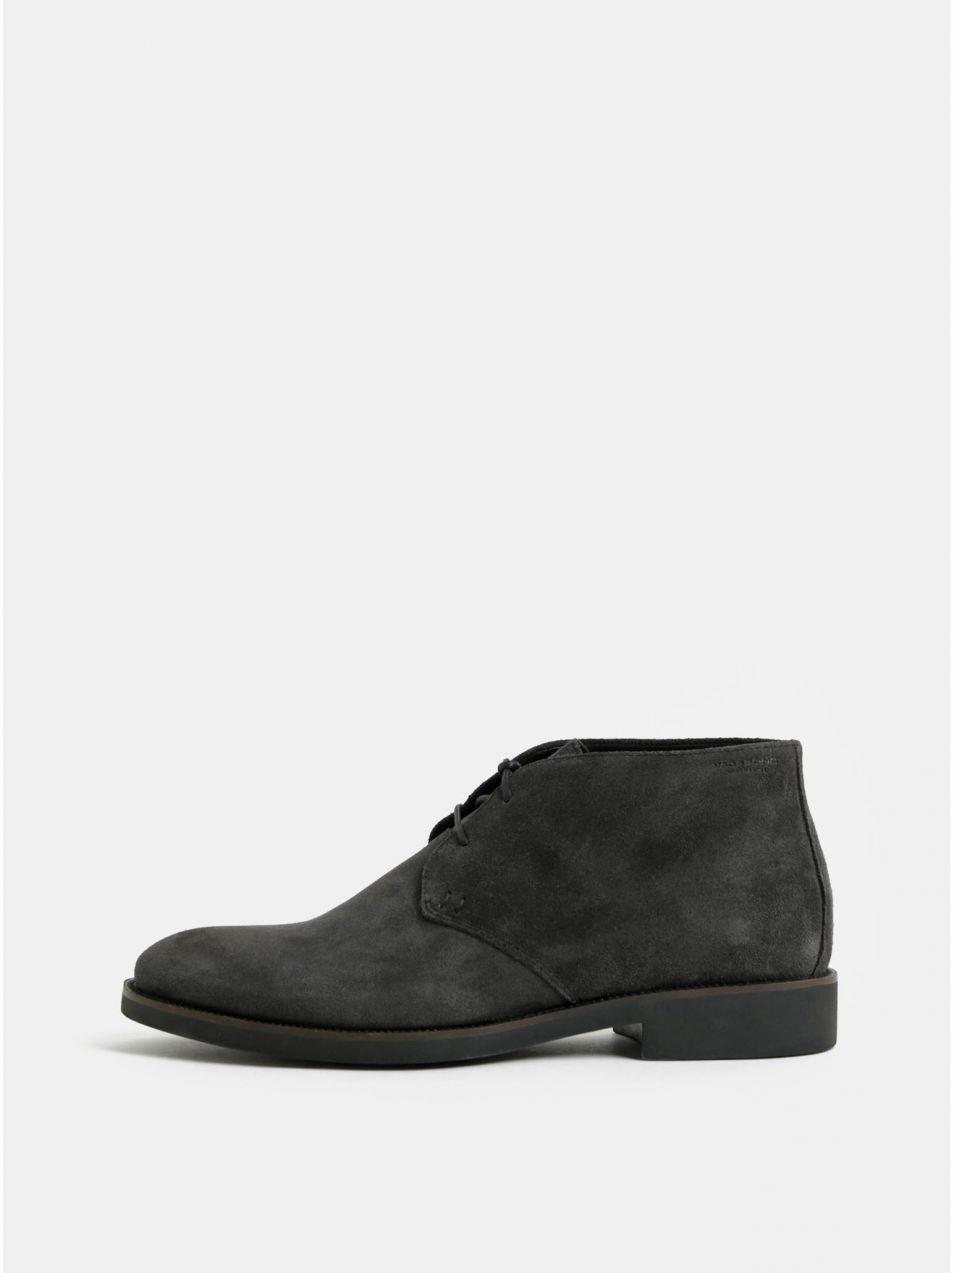 5e705fdac Tmavosivé pánske semišové členkové topánky Vagabond Roy značky ...